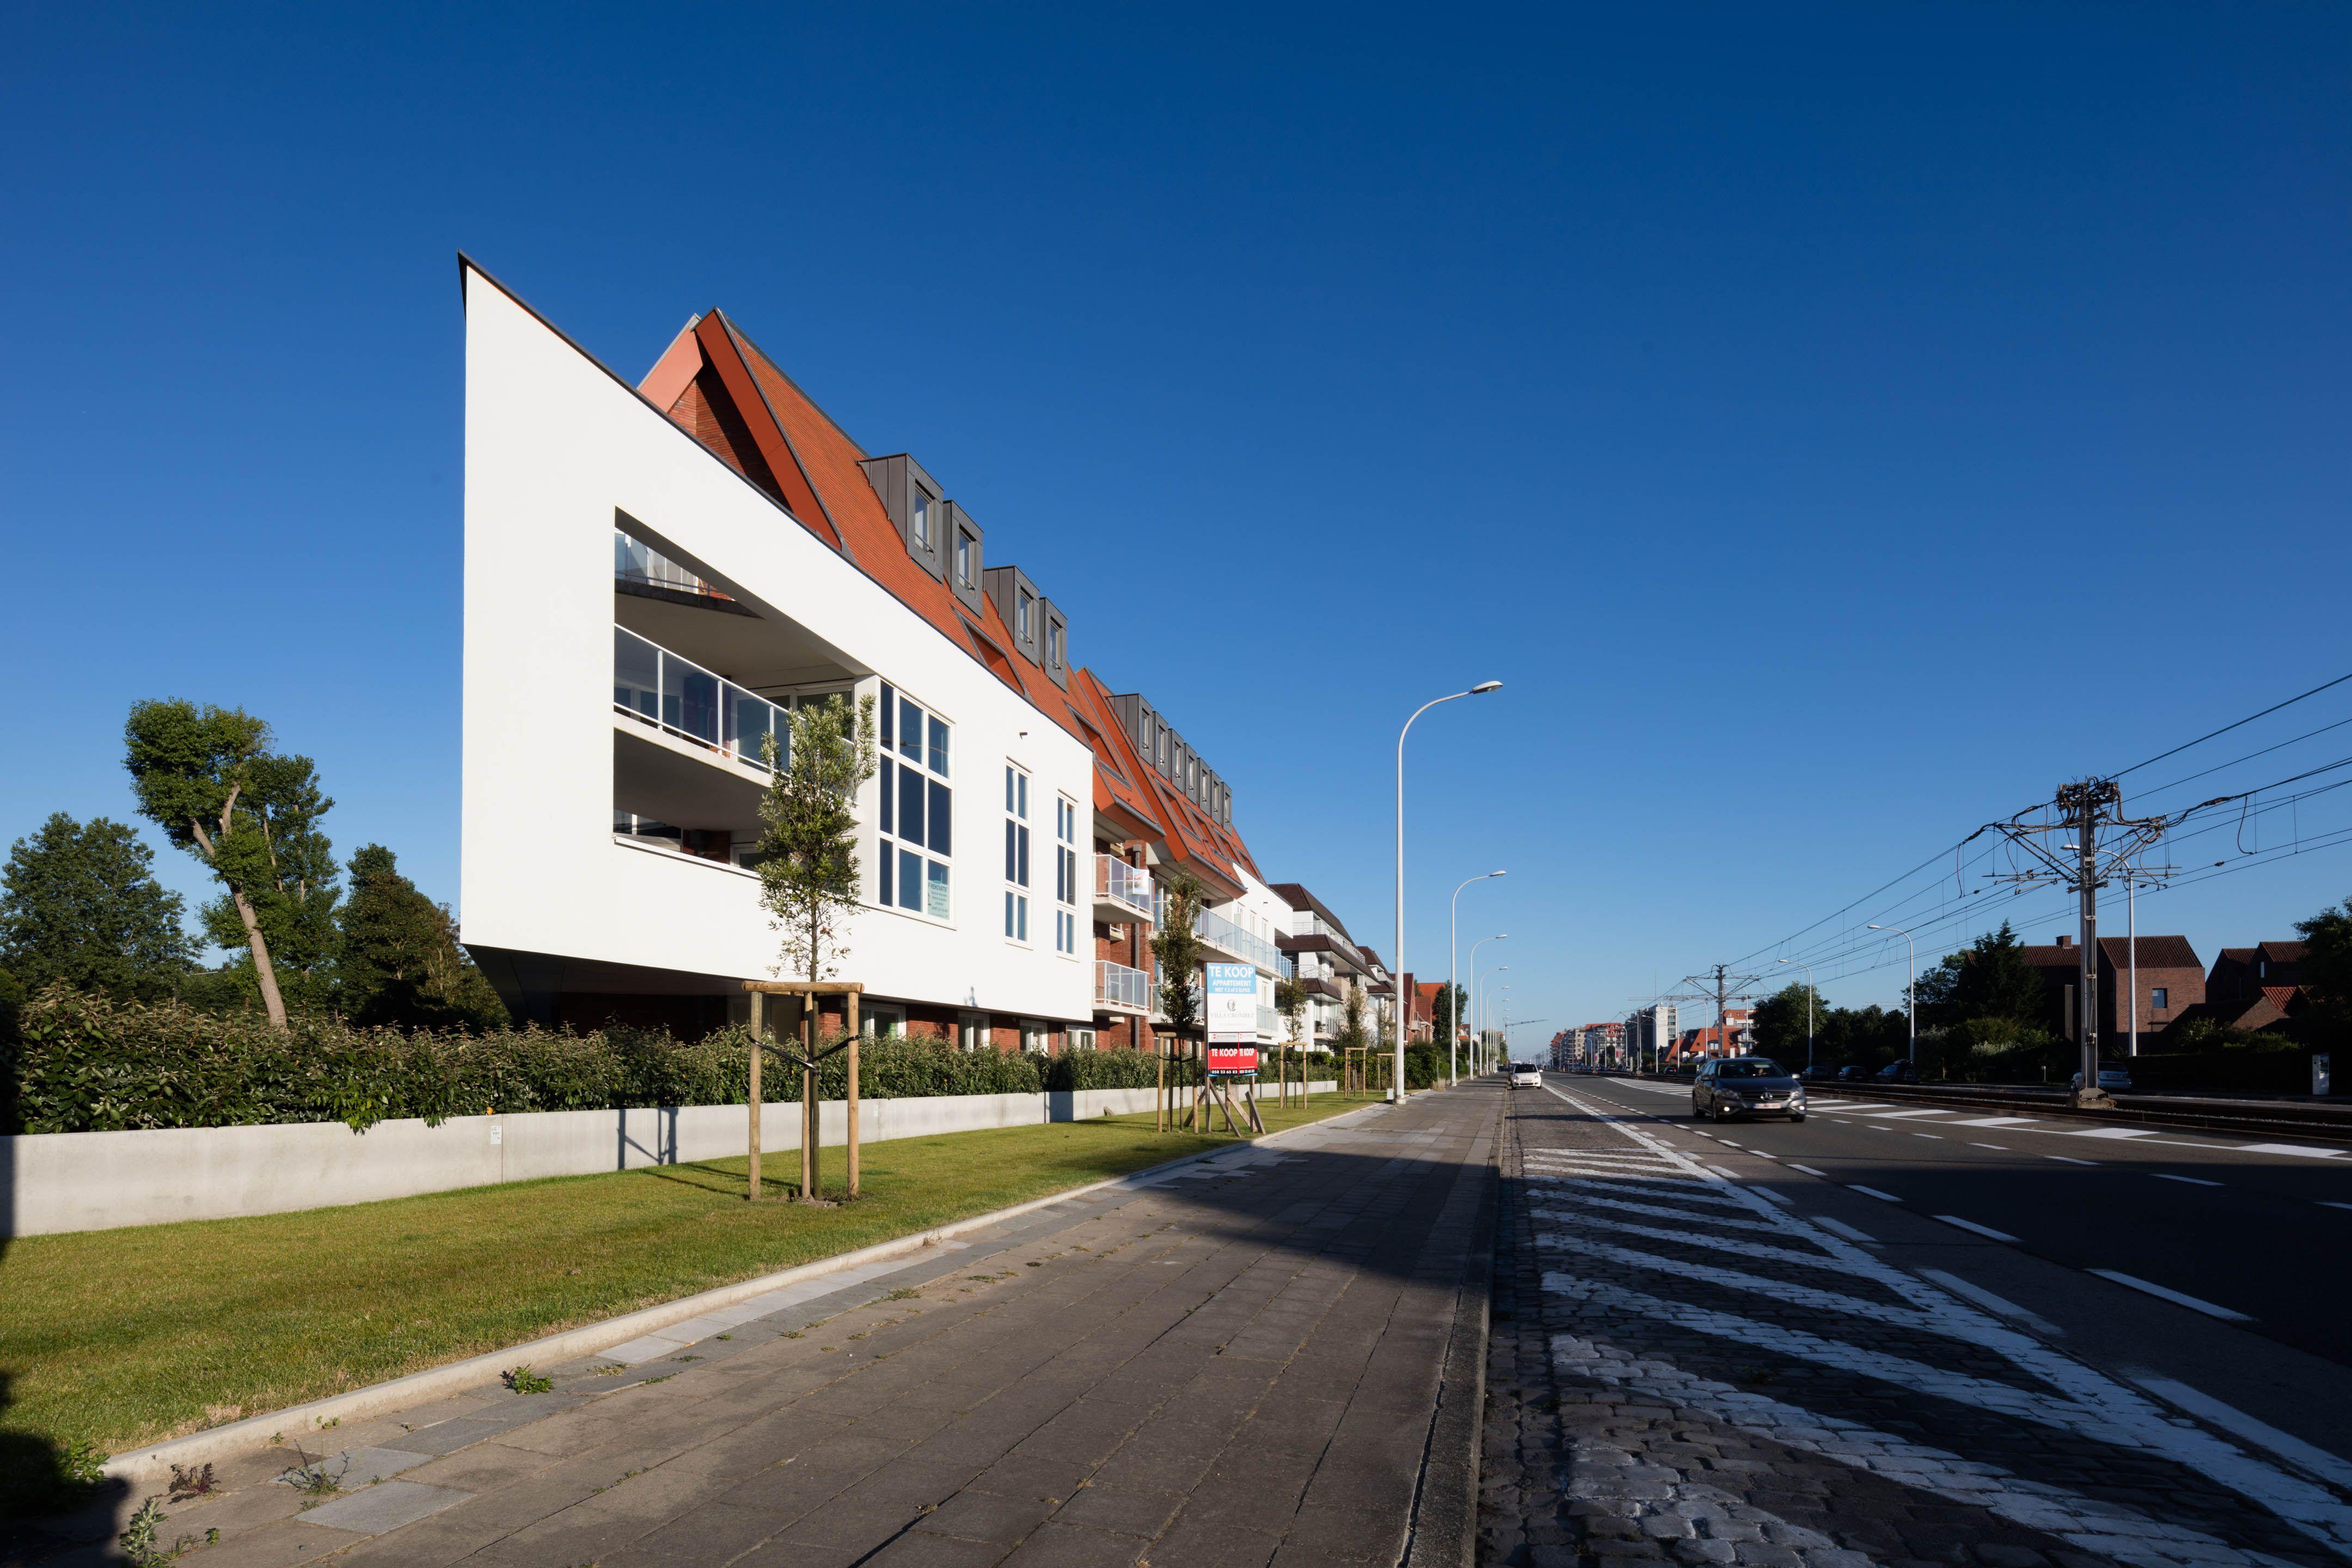 Appartement Residentie Villa Crombez Nieuwpoort - 9306